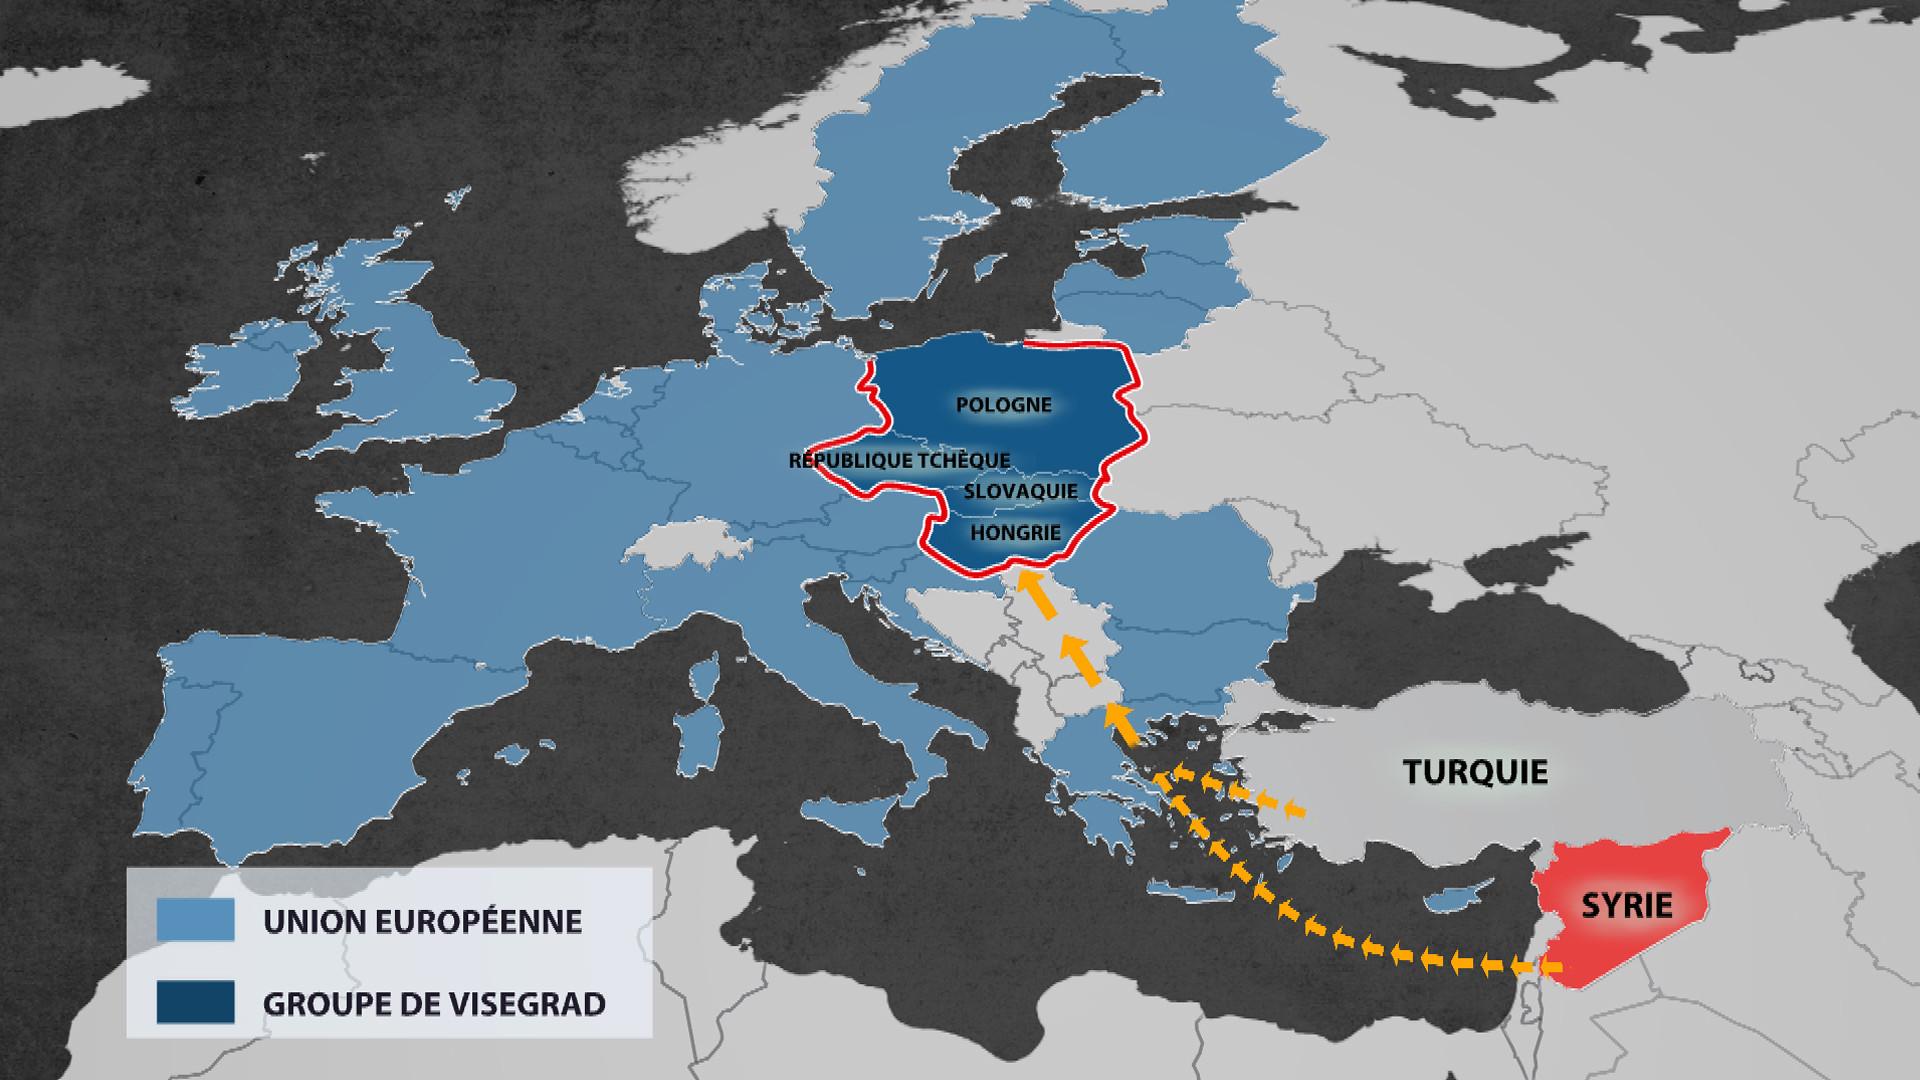 Route des migrants et le groupe de Visegrad